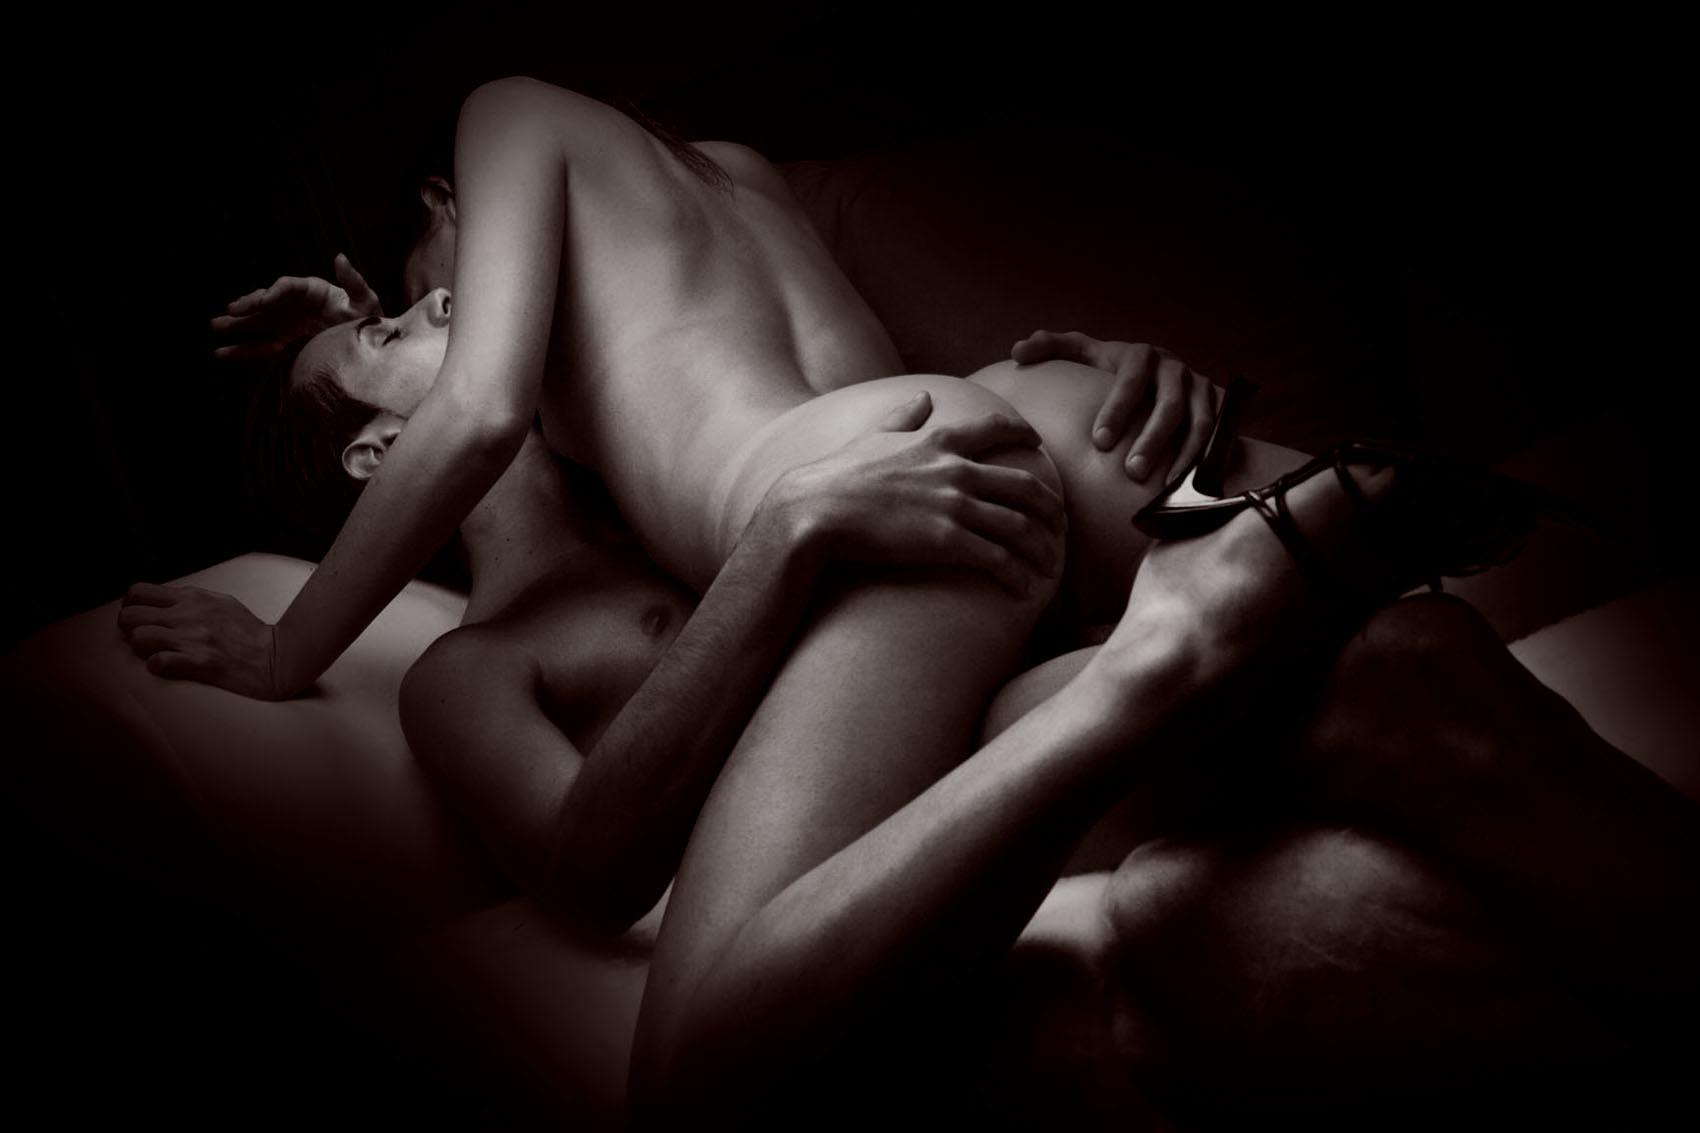 Фото секса свинг пар рос